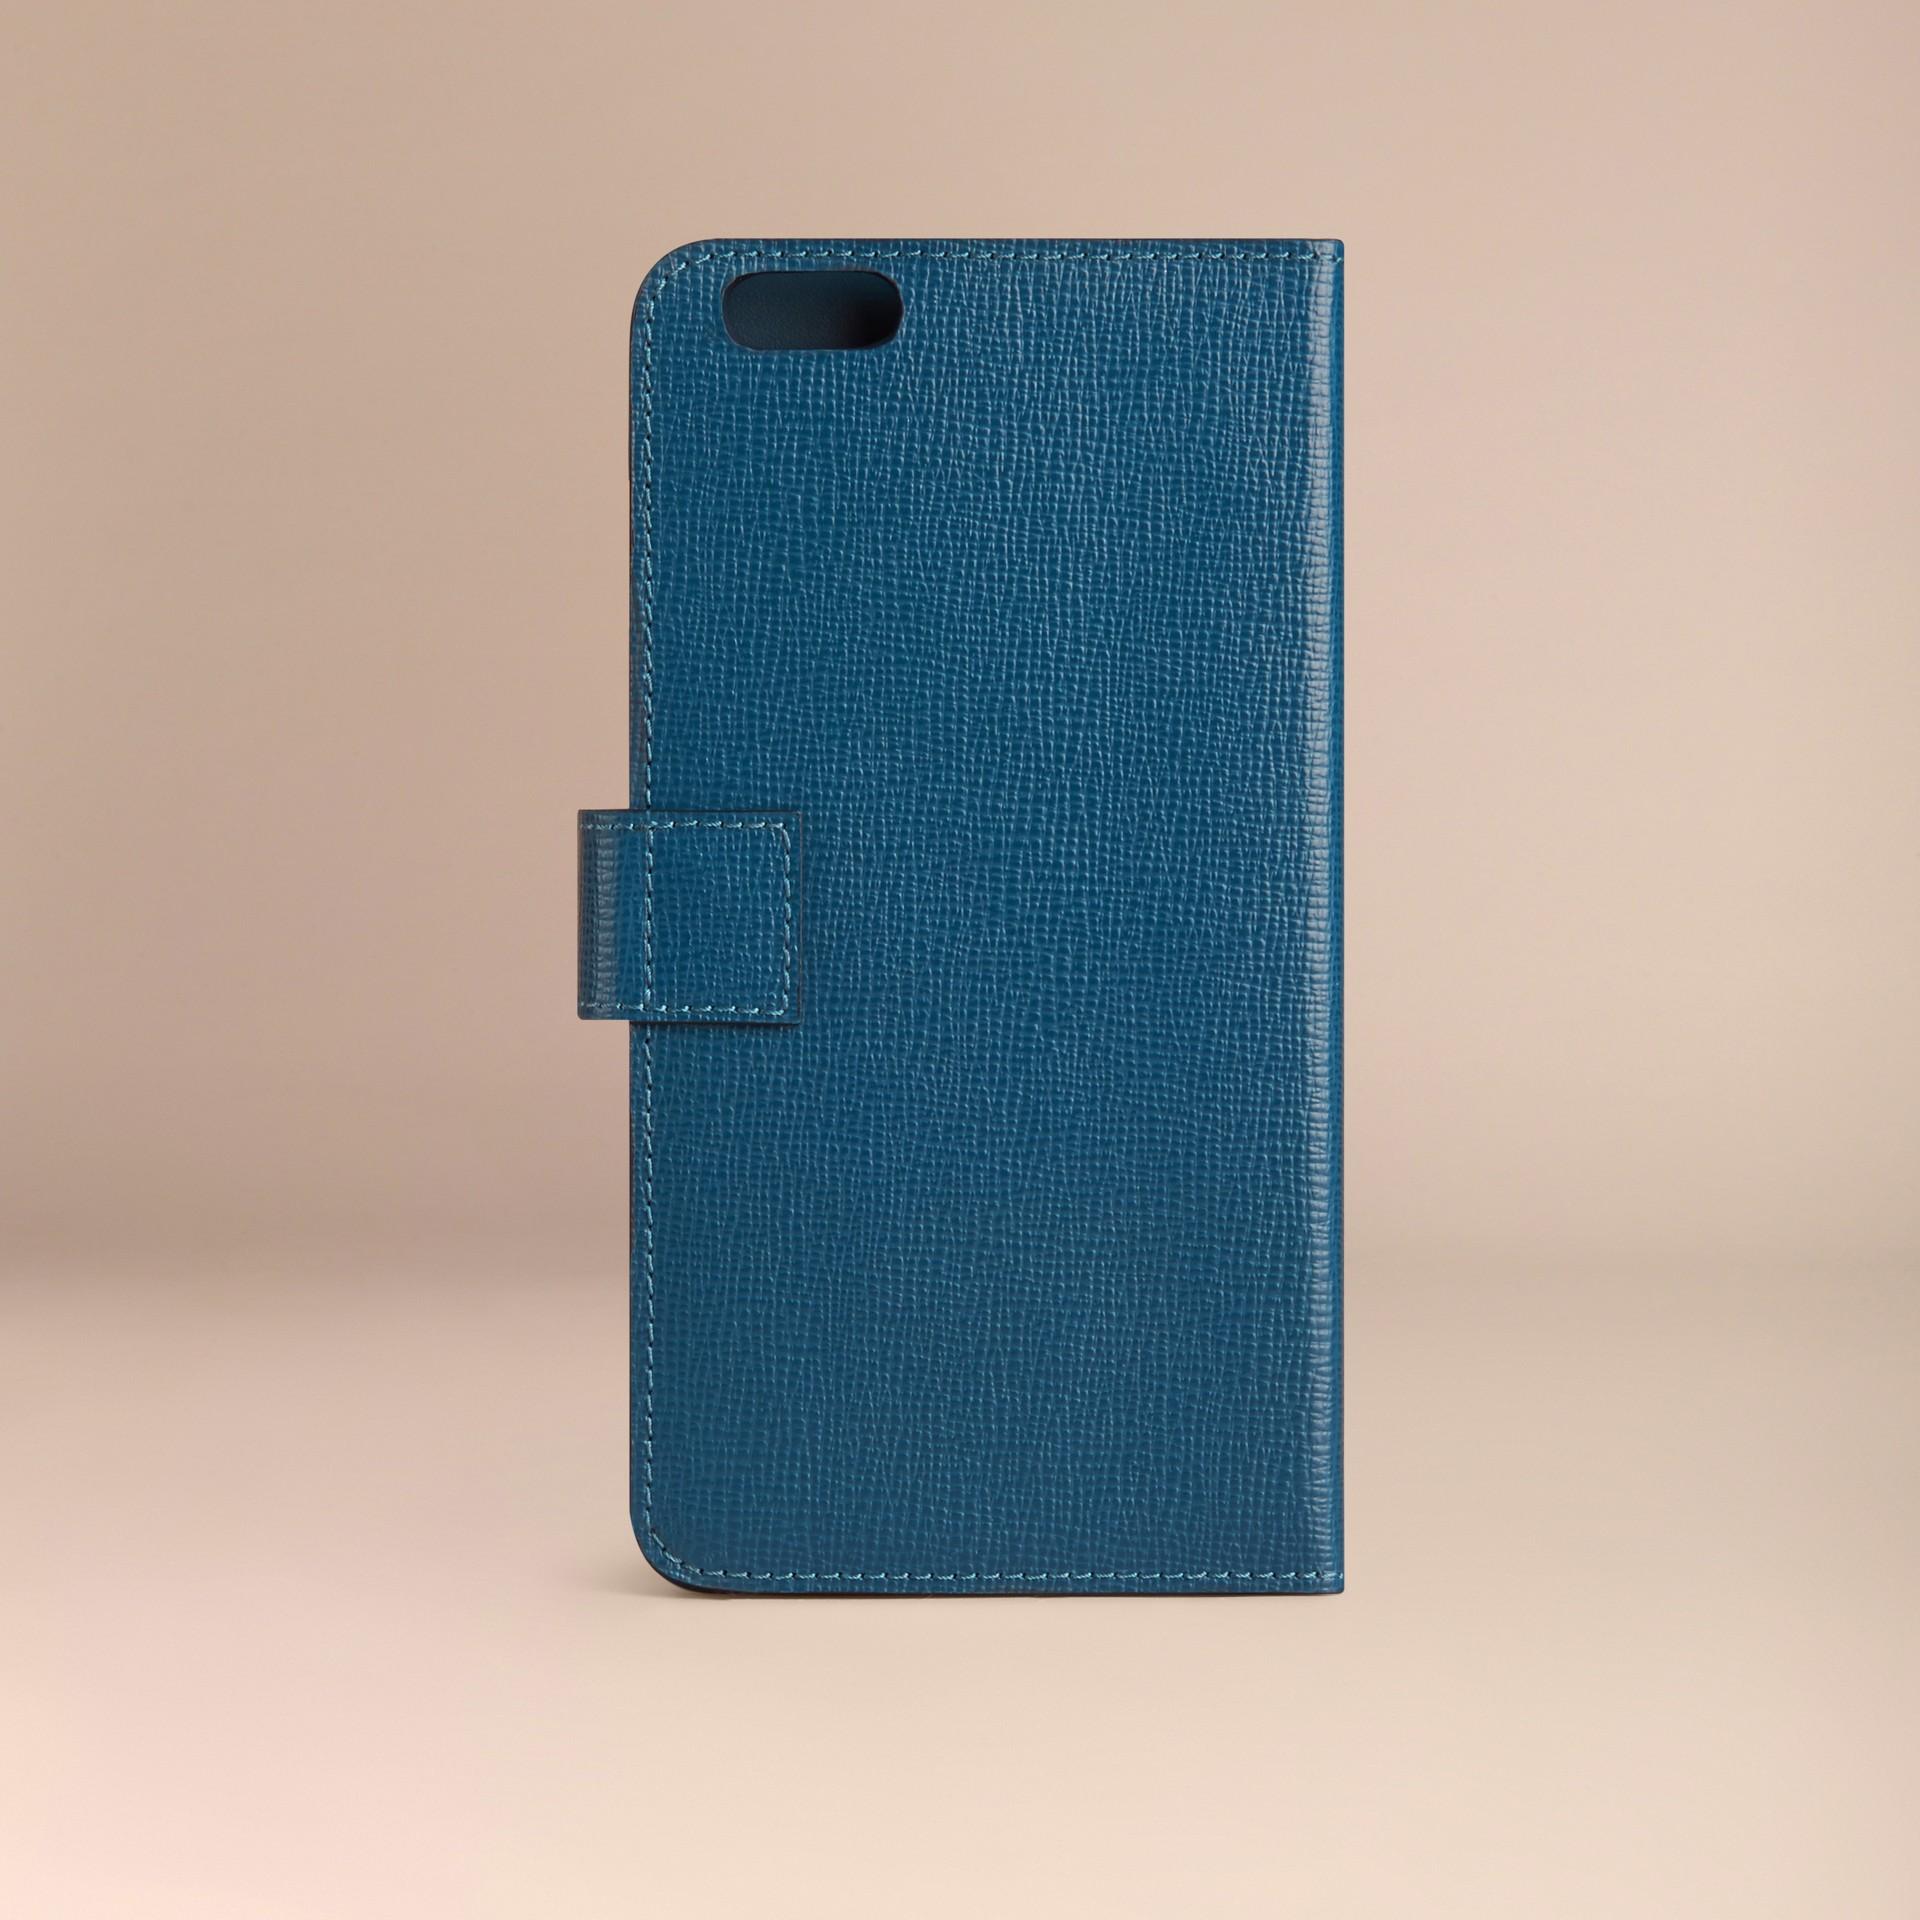 Bleu minéral Étui à rabat pour iPhone6Plus en cuir London Bleu Minéral - photo de la galerie 3